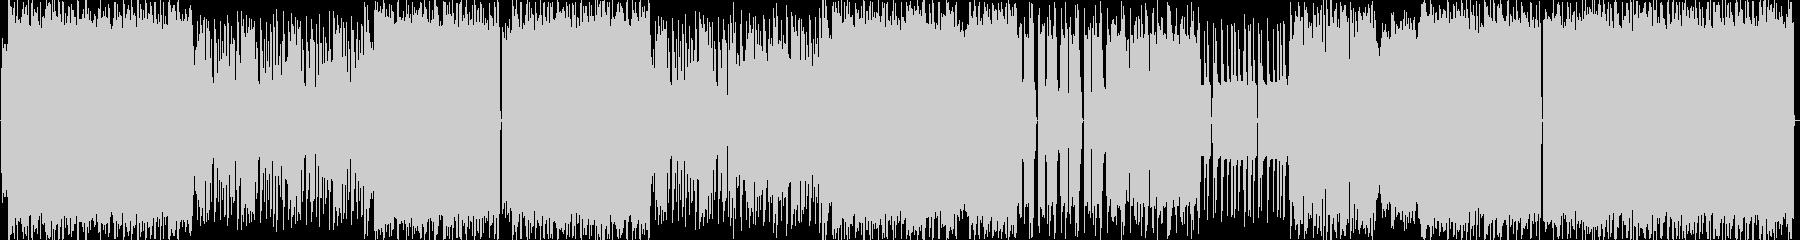 スローテンポの怒りのデジタルロックの未再生の波形